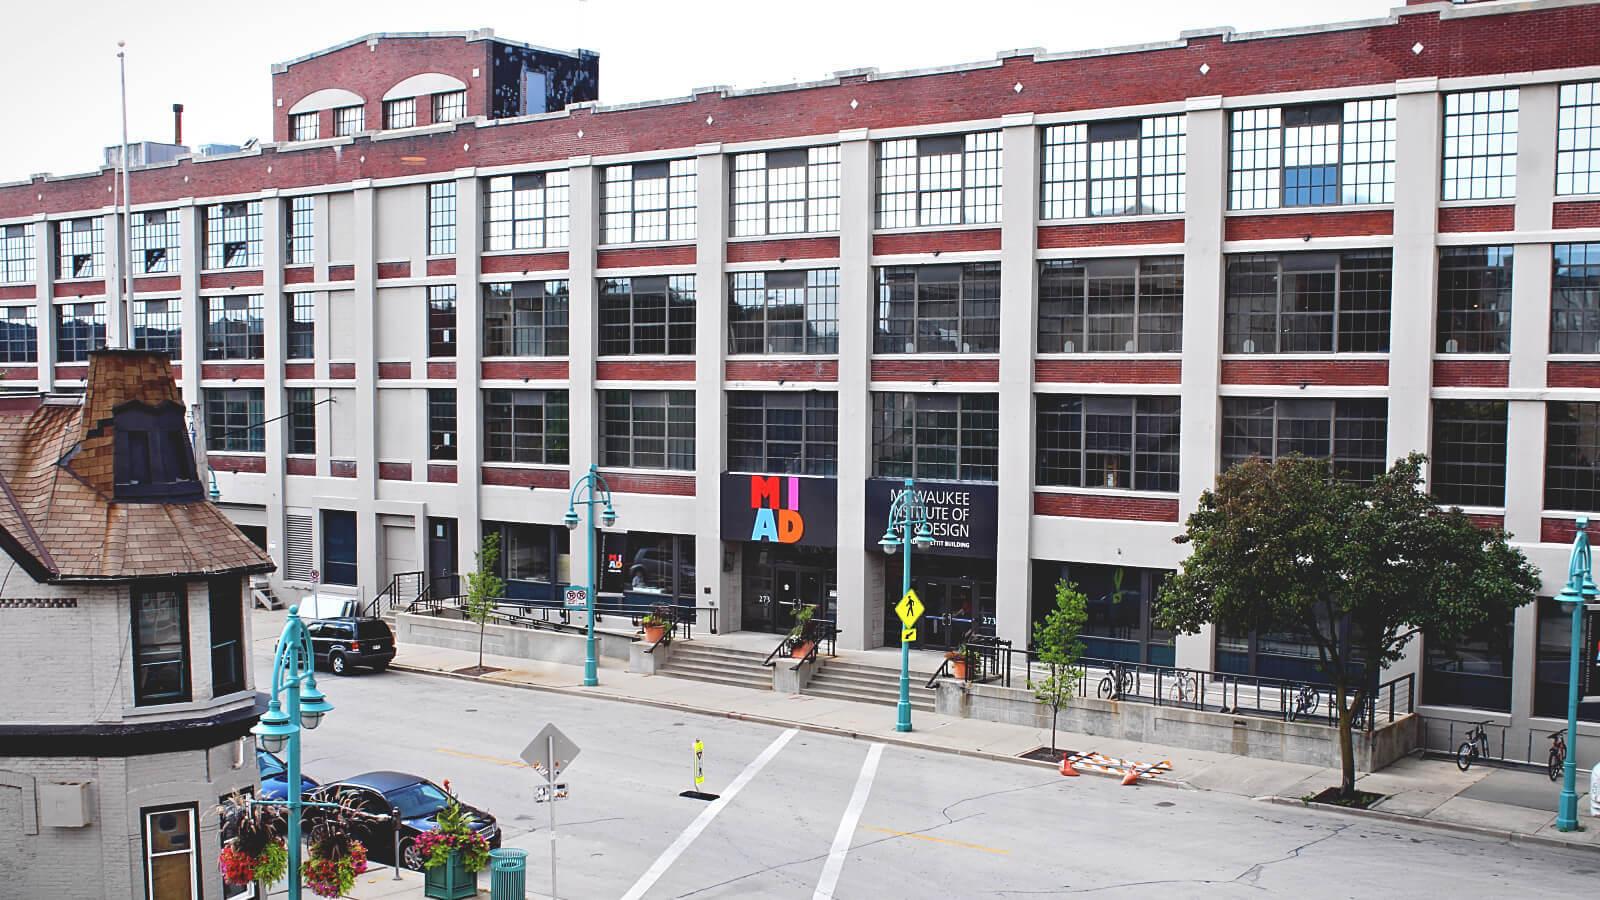 Miad Milwaukee Institute Art Design